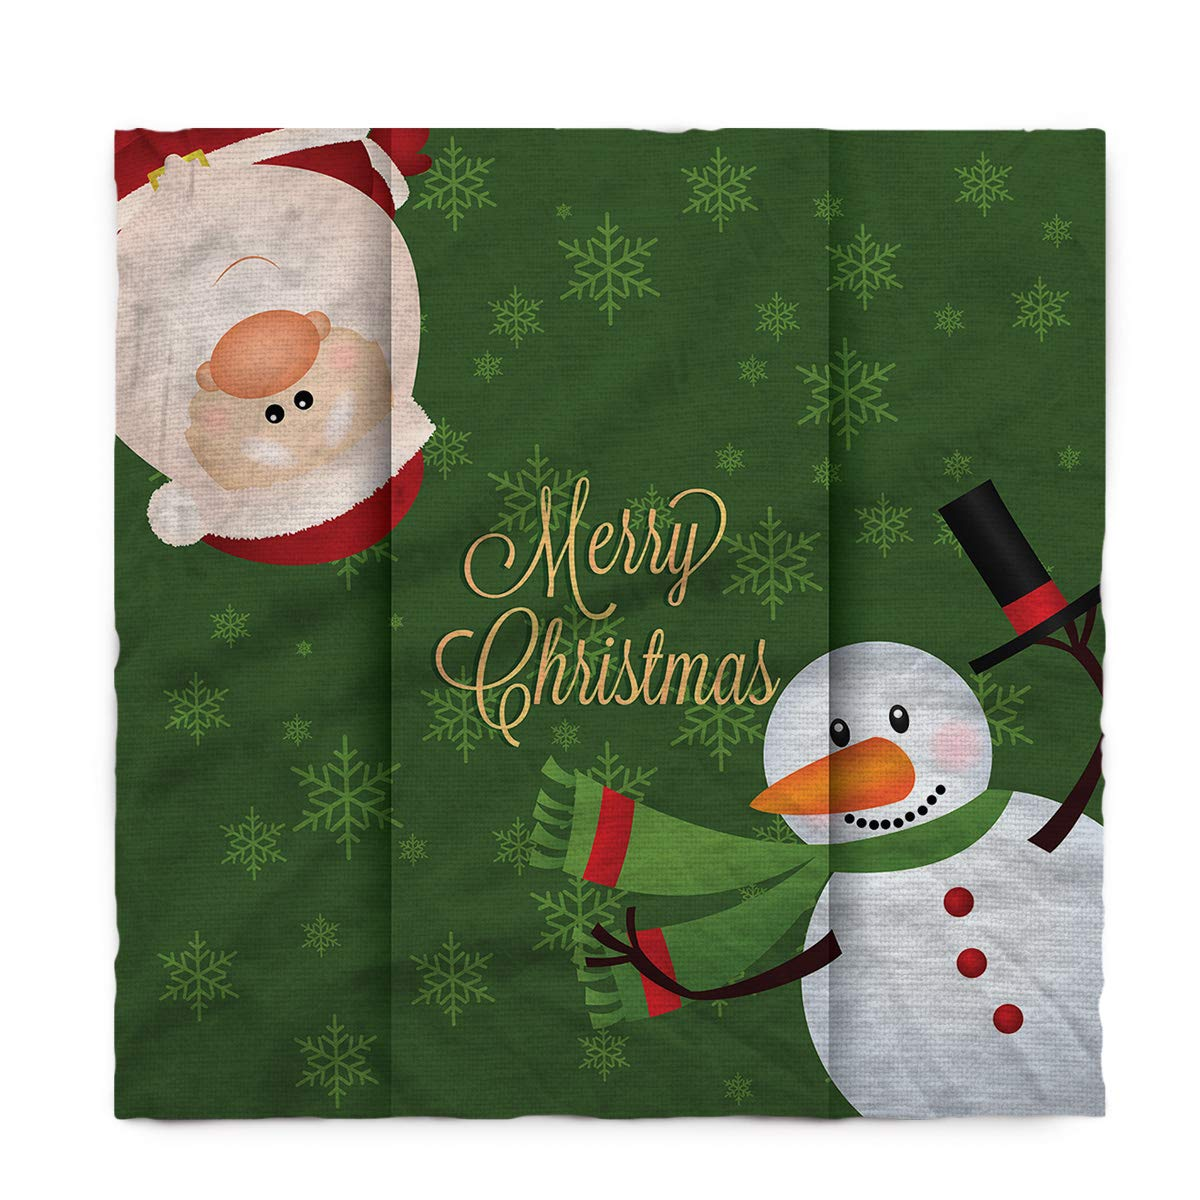 Seven Sunshine コットンリネン テーブルカバー こぼれないテーブルクロス キュートなクリスマス雪だるまとサンタクロース キッチンダイニング宴会/パーティー/パーティー用装飾テーブルクロス テーブルトップ ピクニックディナー 60×120inch ZBUFLYX2832B18928-BSLEX00058ZBALSSE 60×120inch  B07HRLJVV7